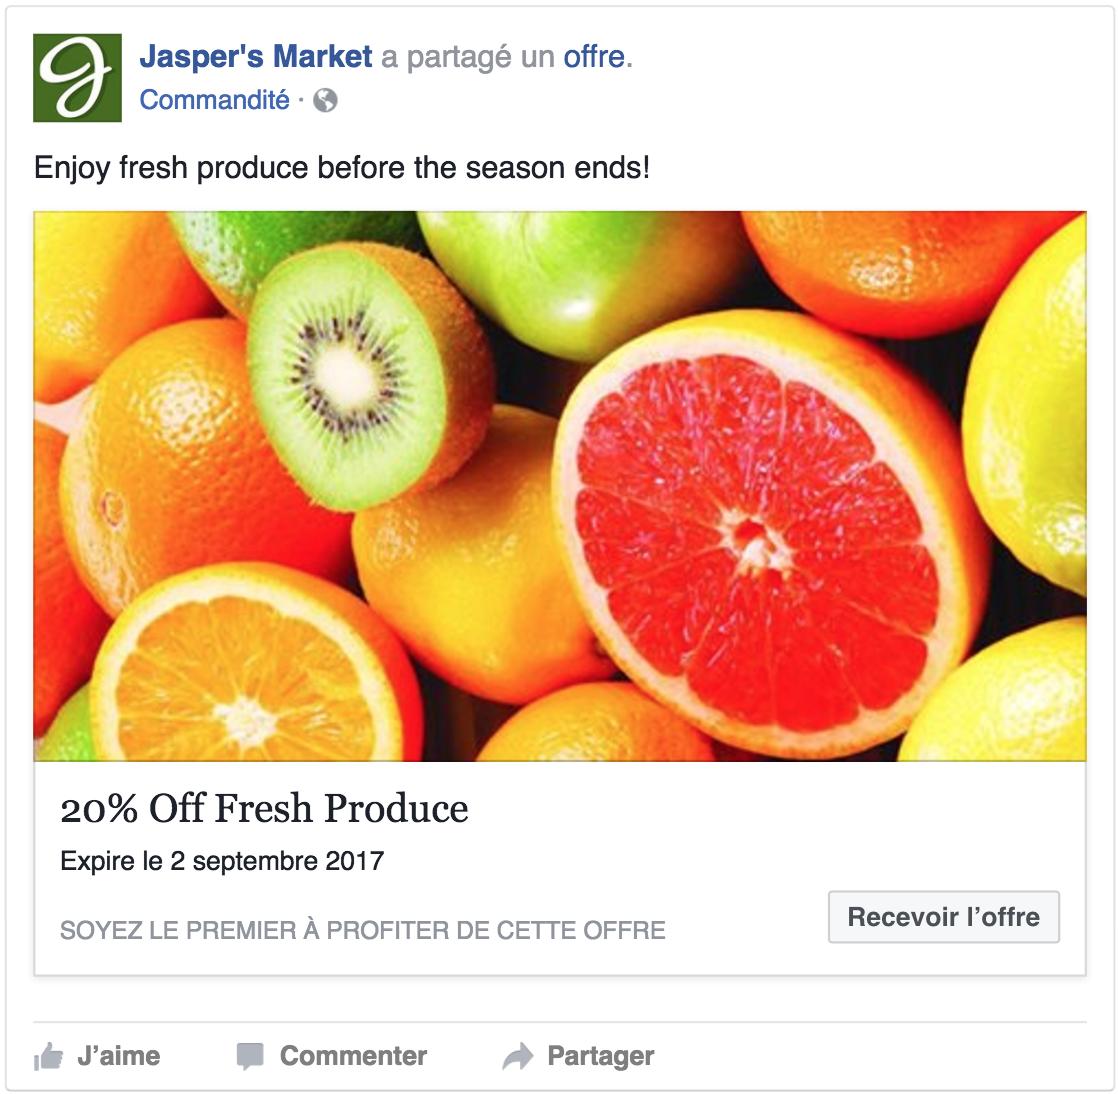 Exemple d'offre publicitaire sur Facebook